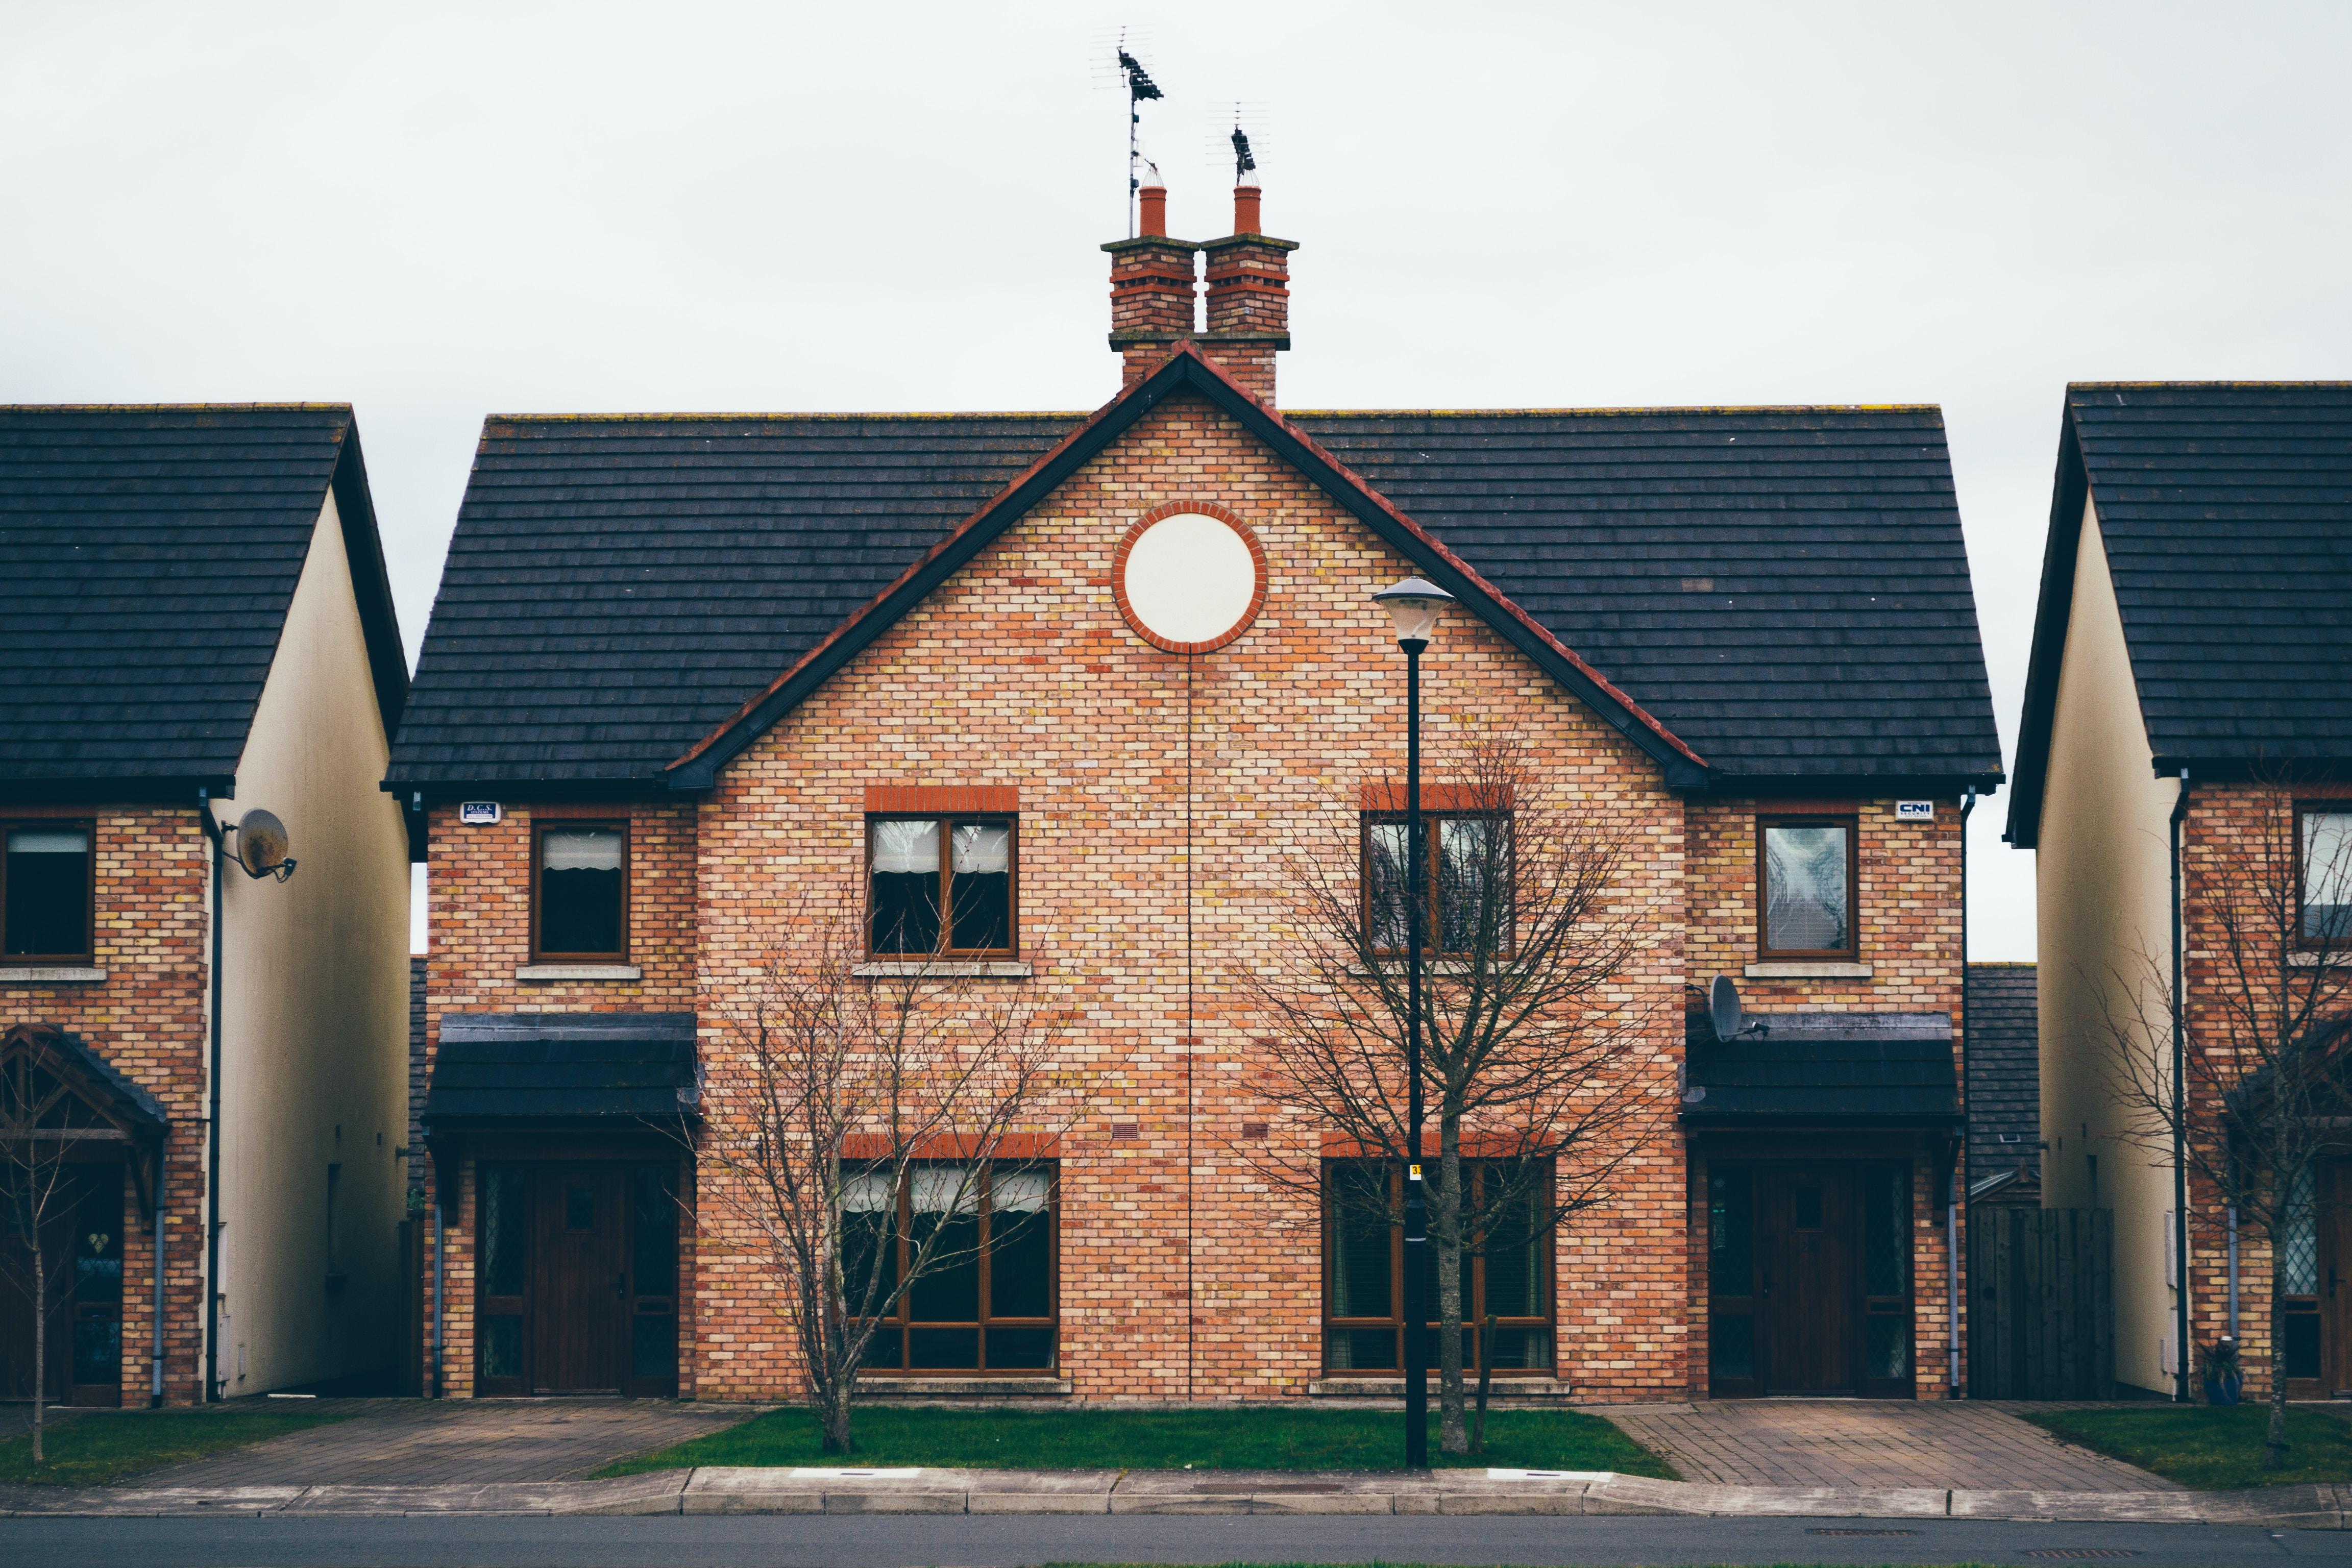 Wat is mijn huis waard? Home equity leningen en taxaties